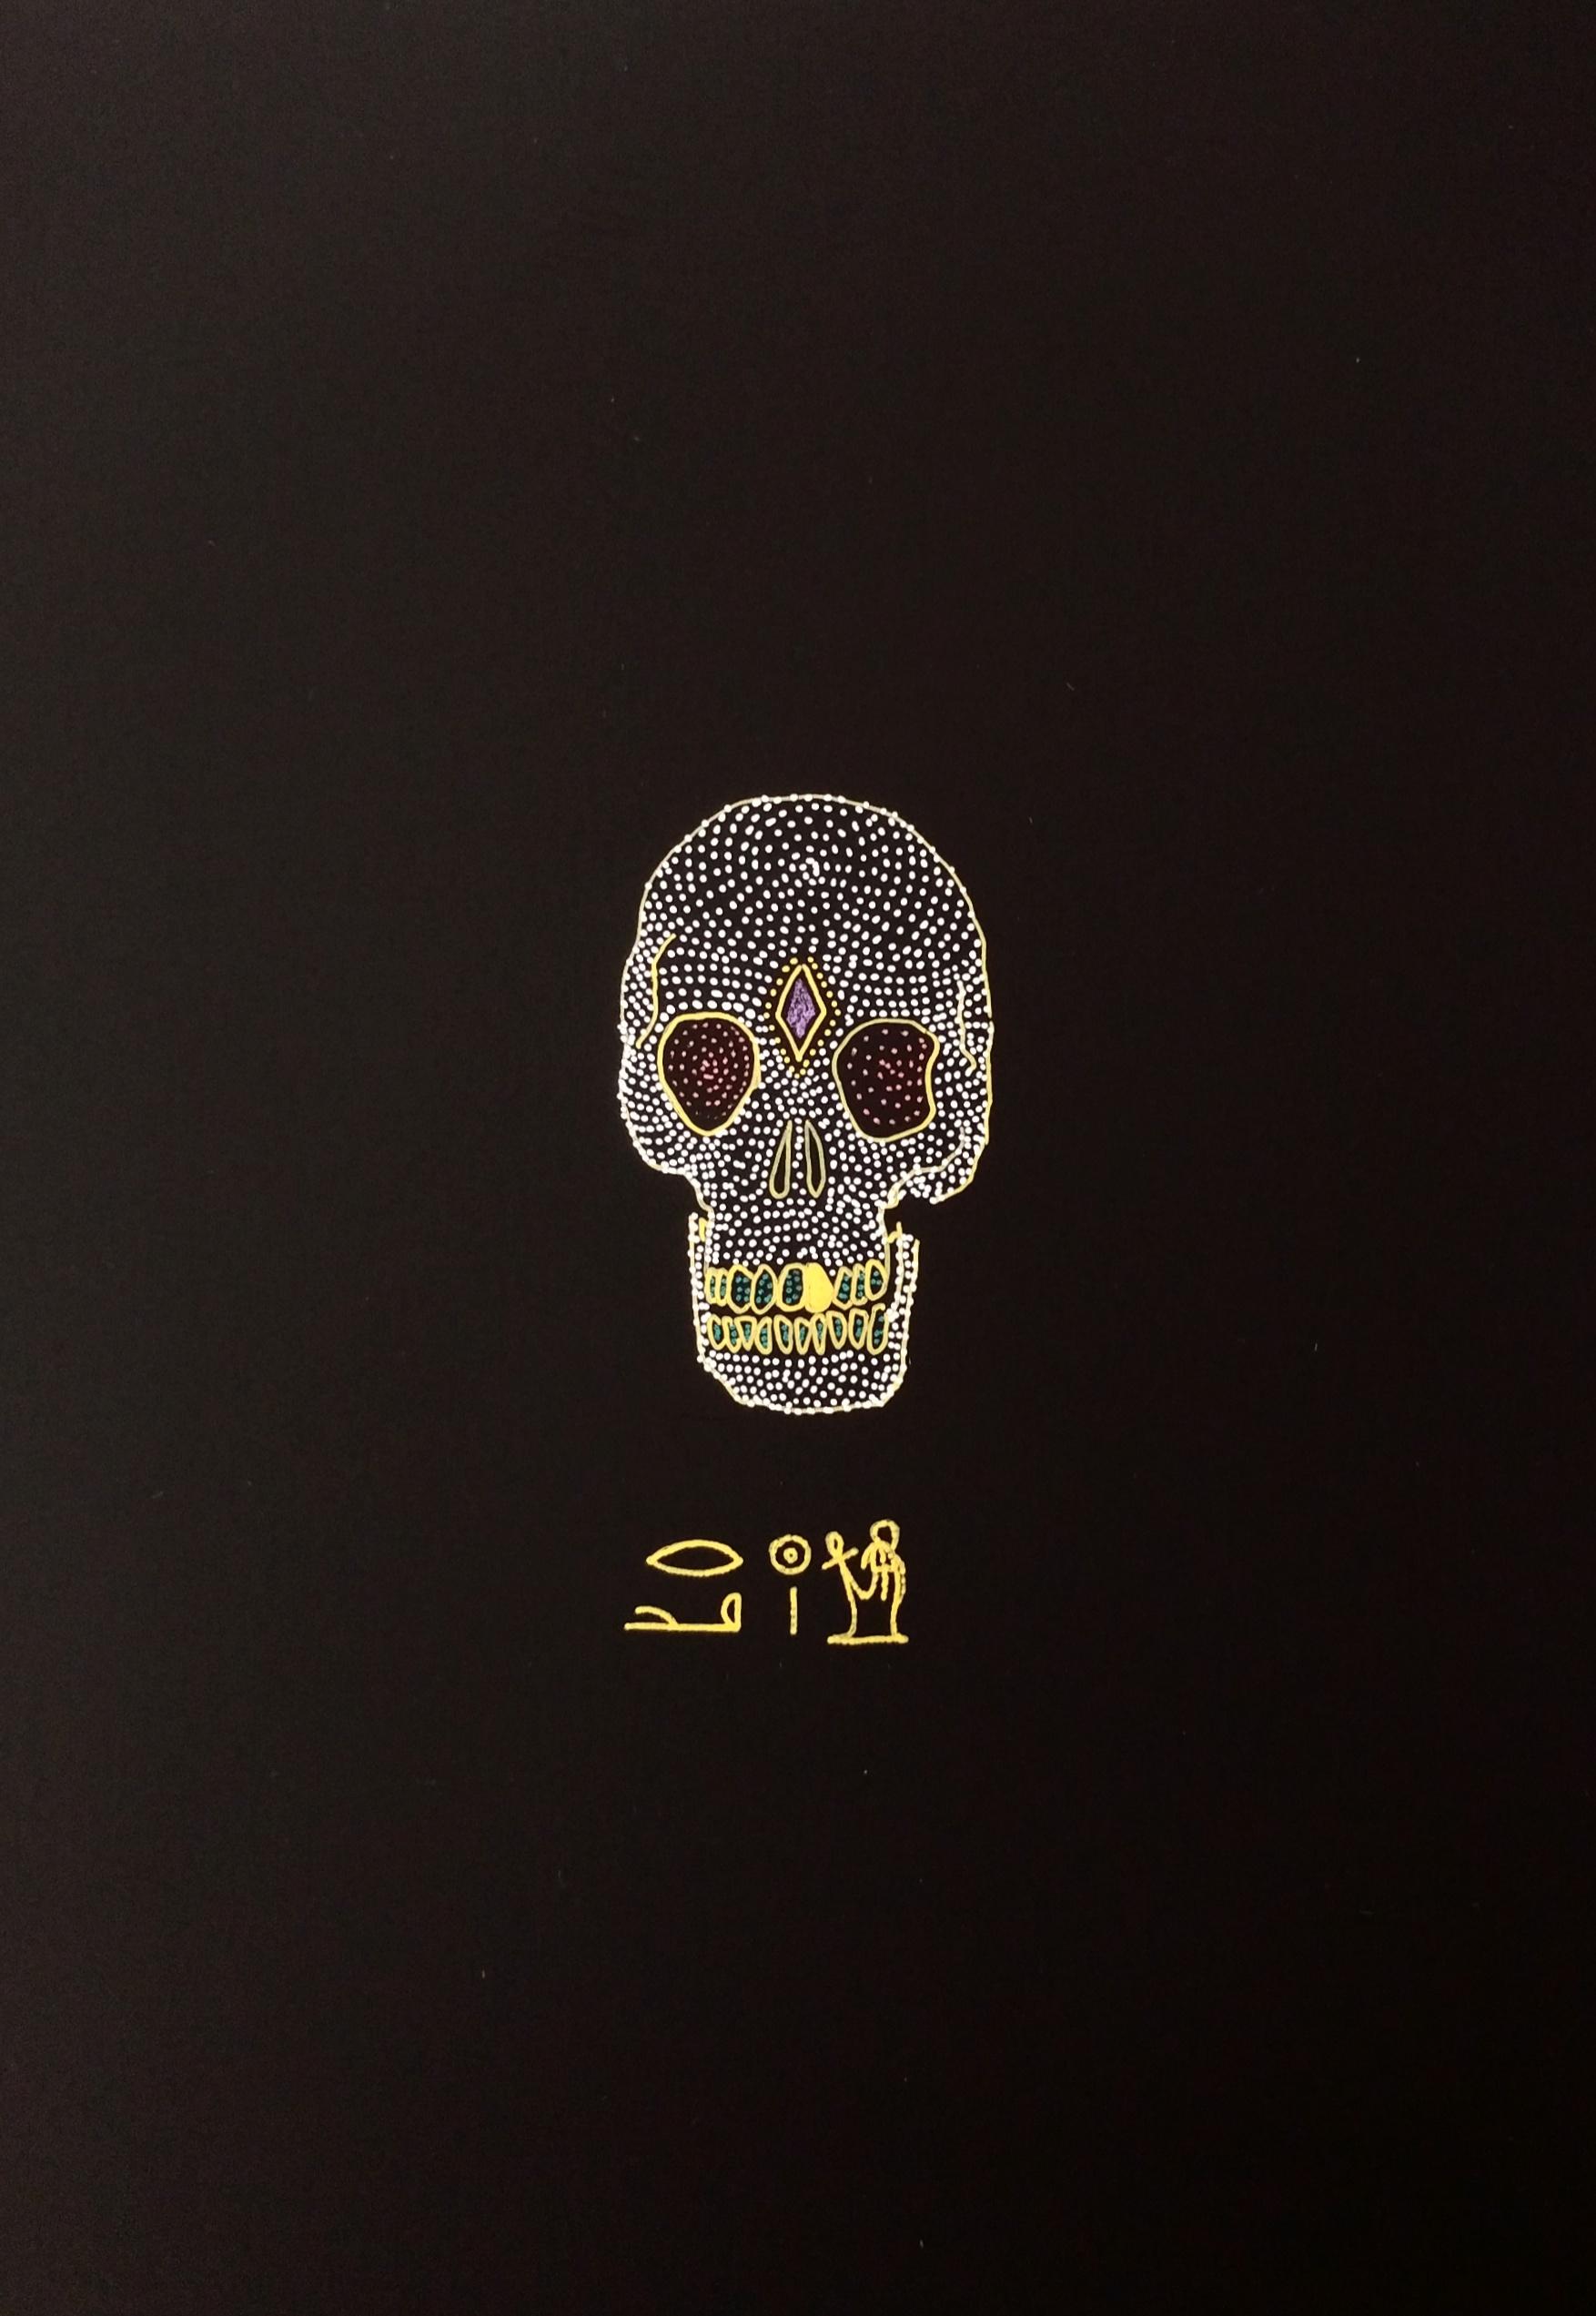 Skull 2017